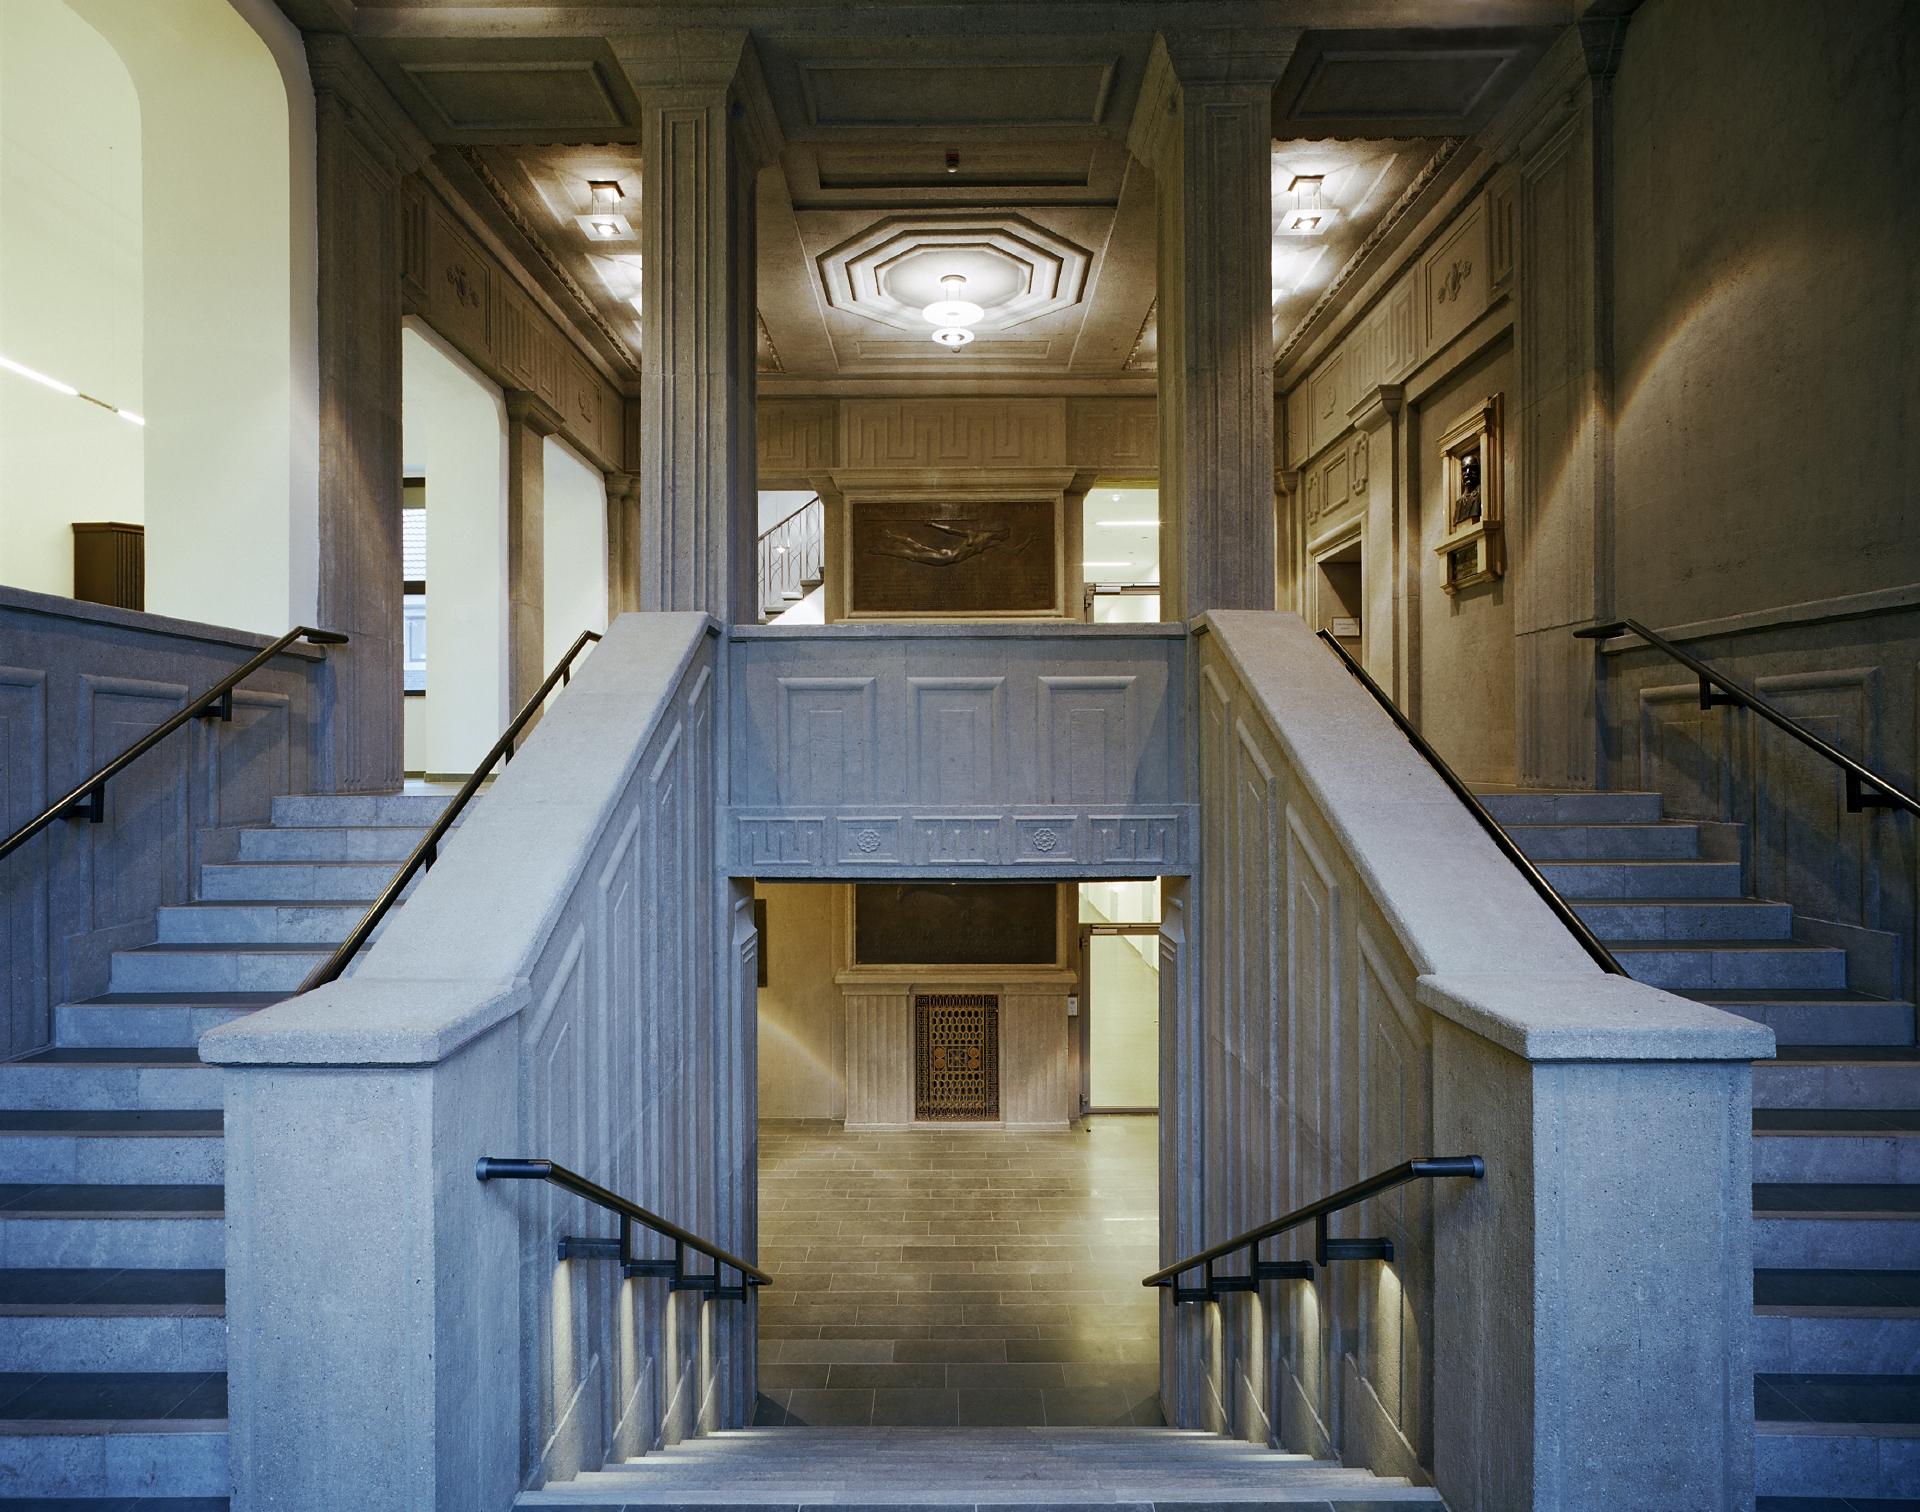 Treppenhaus nach der Restaurierung. Foto: Klaus Baumers/EGLV